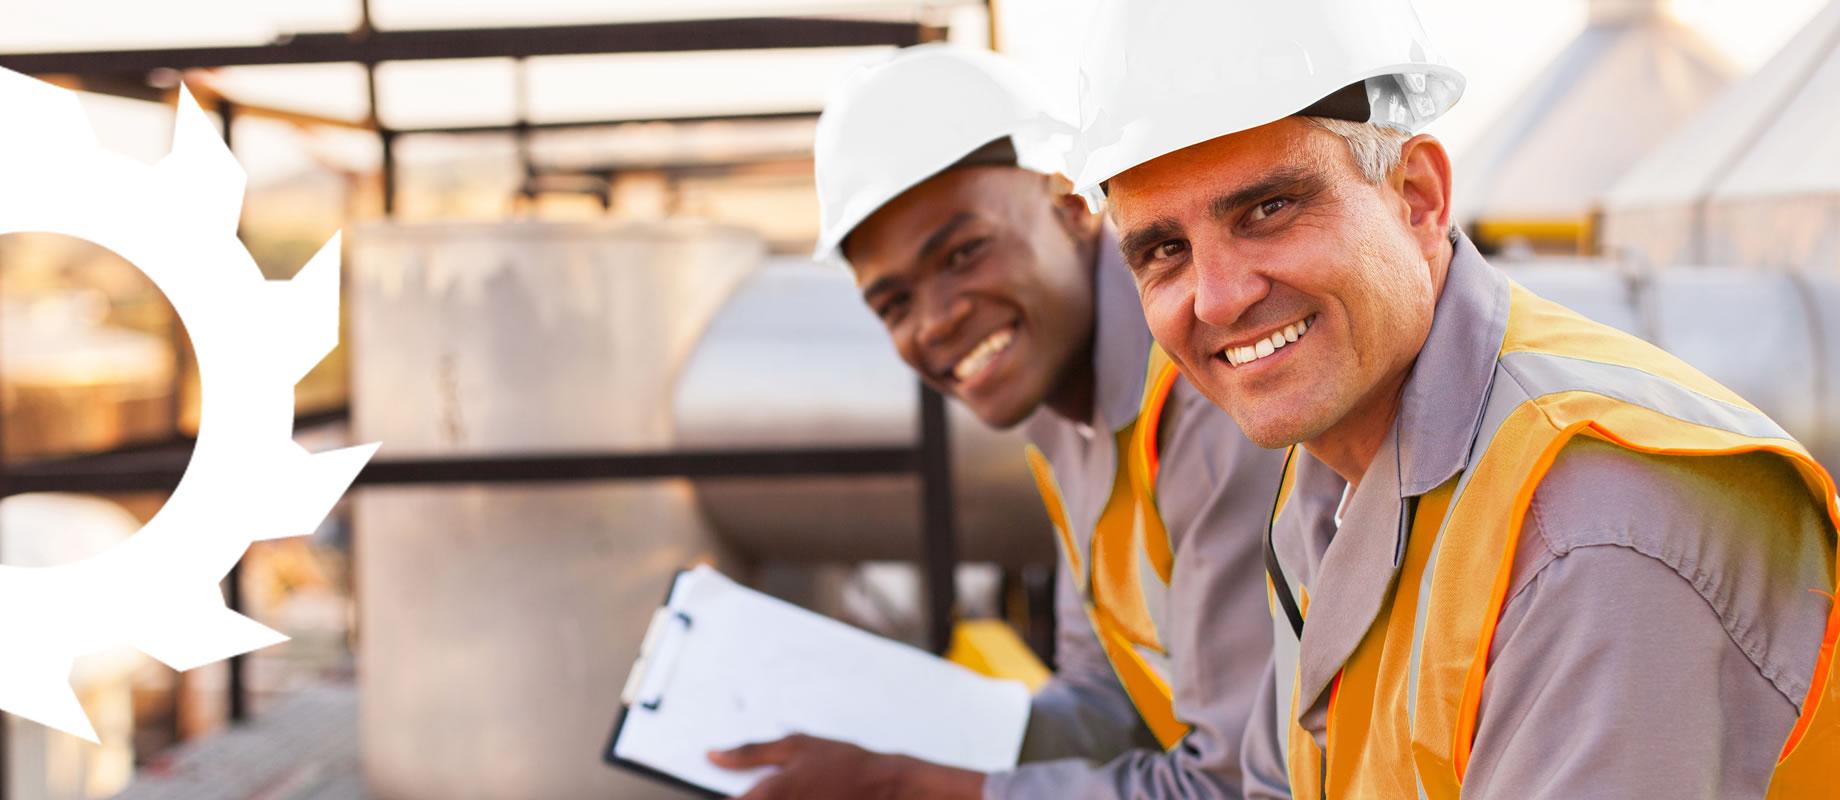 workers-workmen-hardhats.jpg